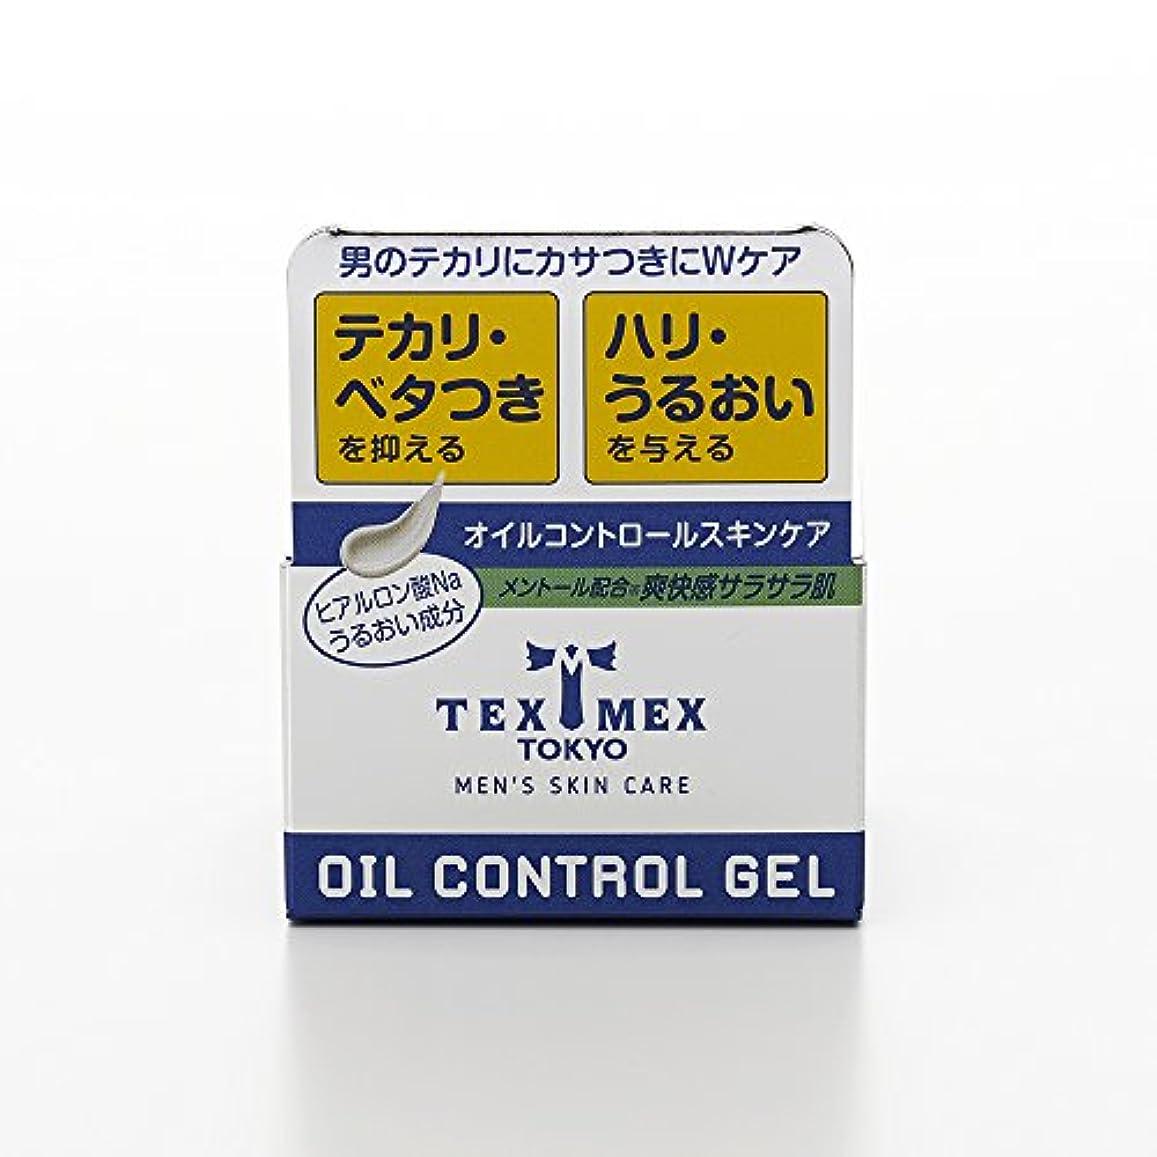 ランチョンペパーミントフィールドテックスメックス オイルコントロールジェル 24g (テカリ防止ジェル) 【塗るだけでサラサラ肌に】